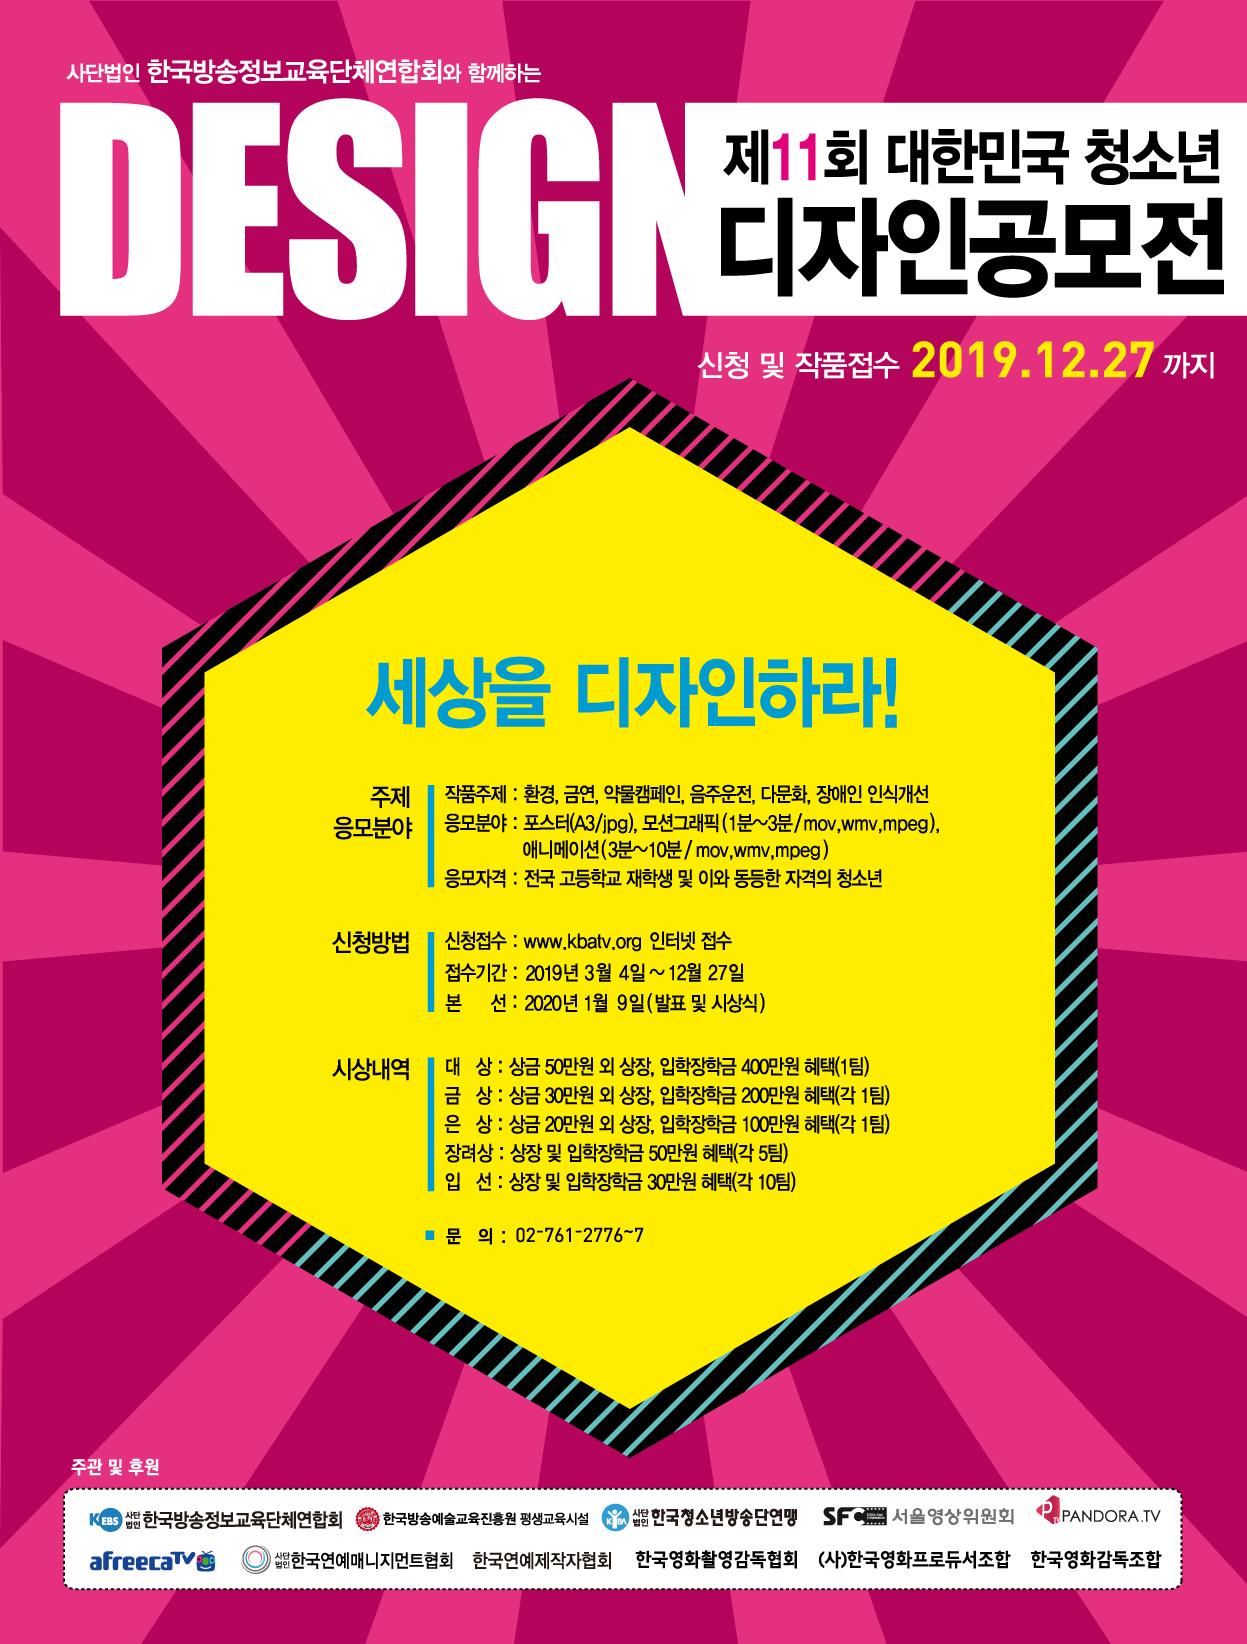 제11회-대한민국-청소년-디자인공모전-포스터.jpg